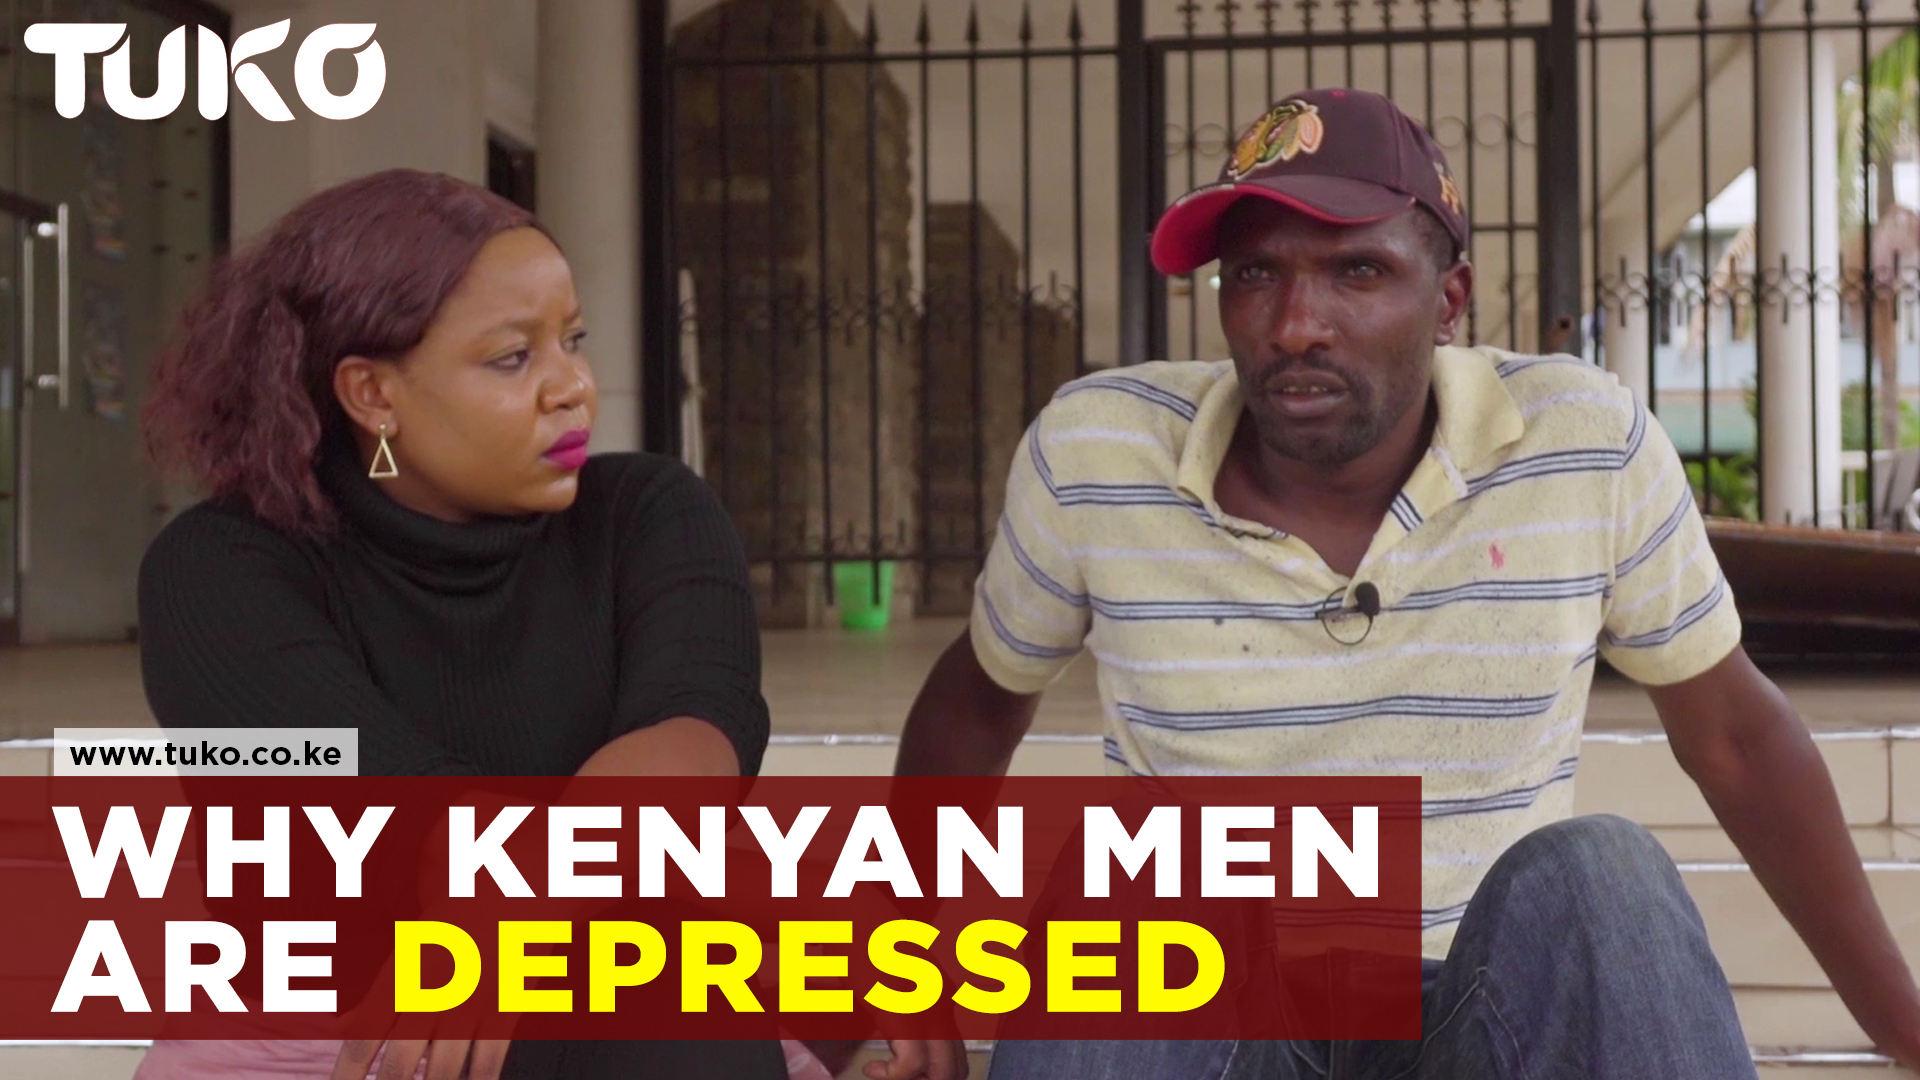 Why Kenyan men are depressed